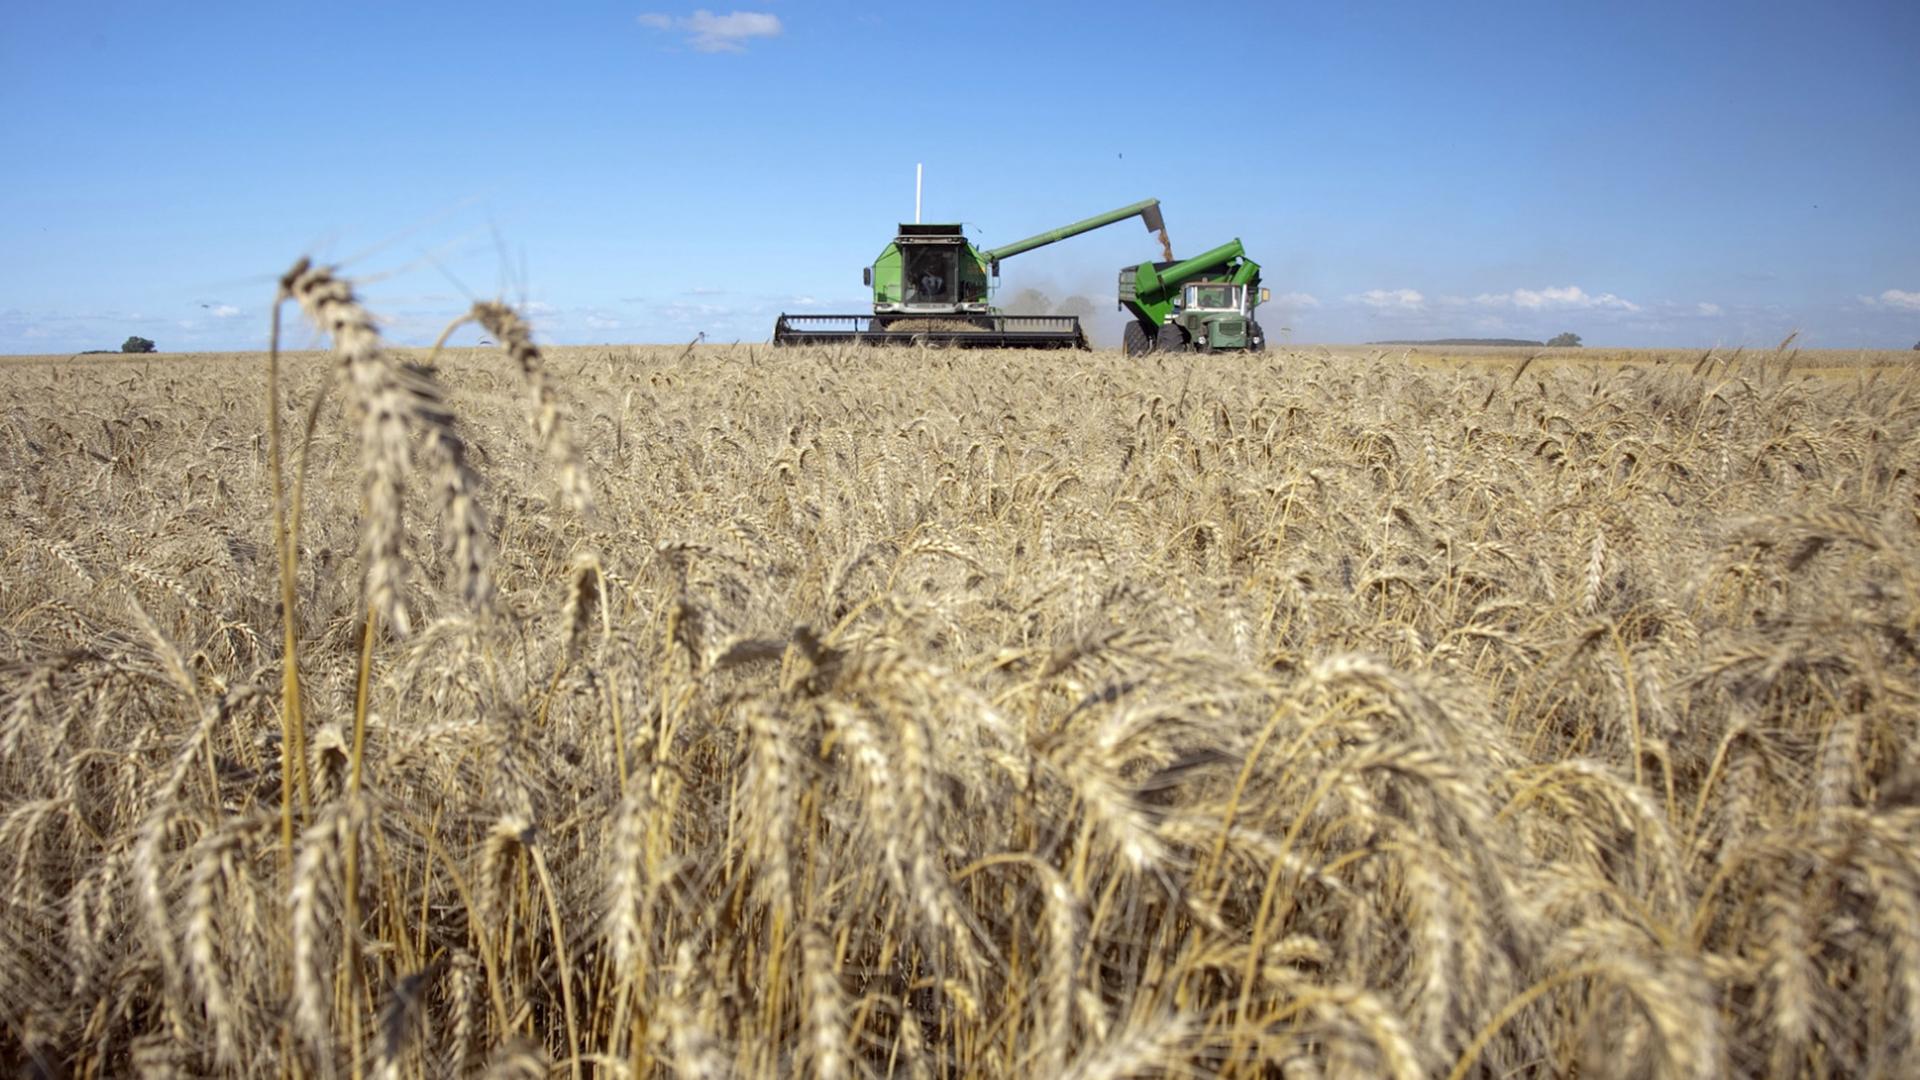 La soja, el maíz y el trigo, buscan consolidar el poder de compra de los productores